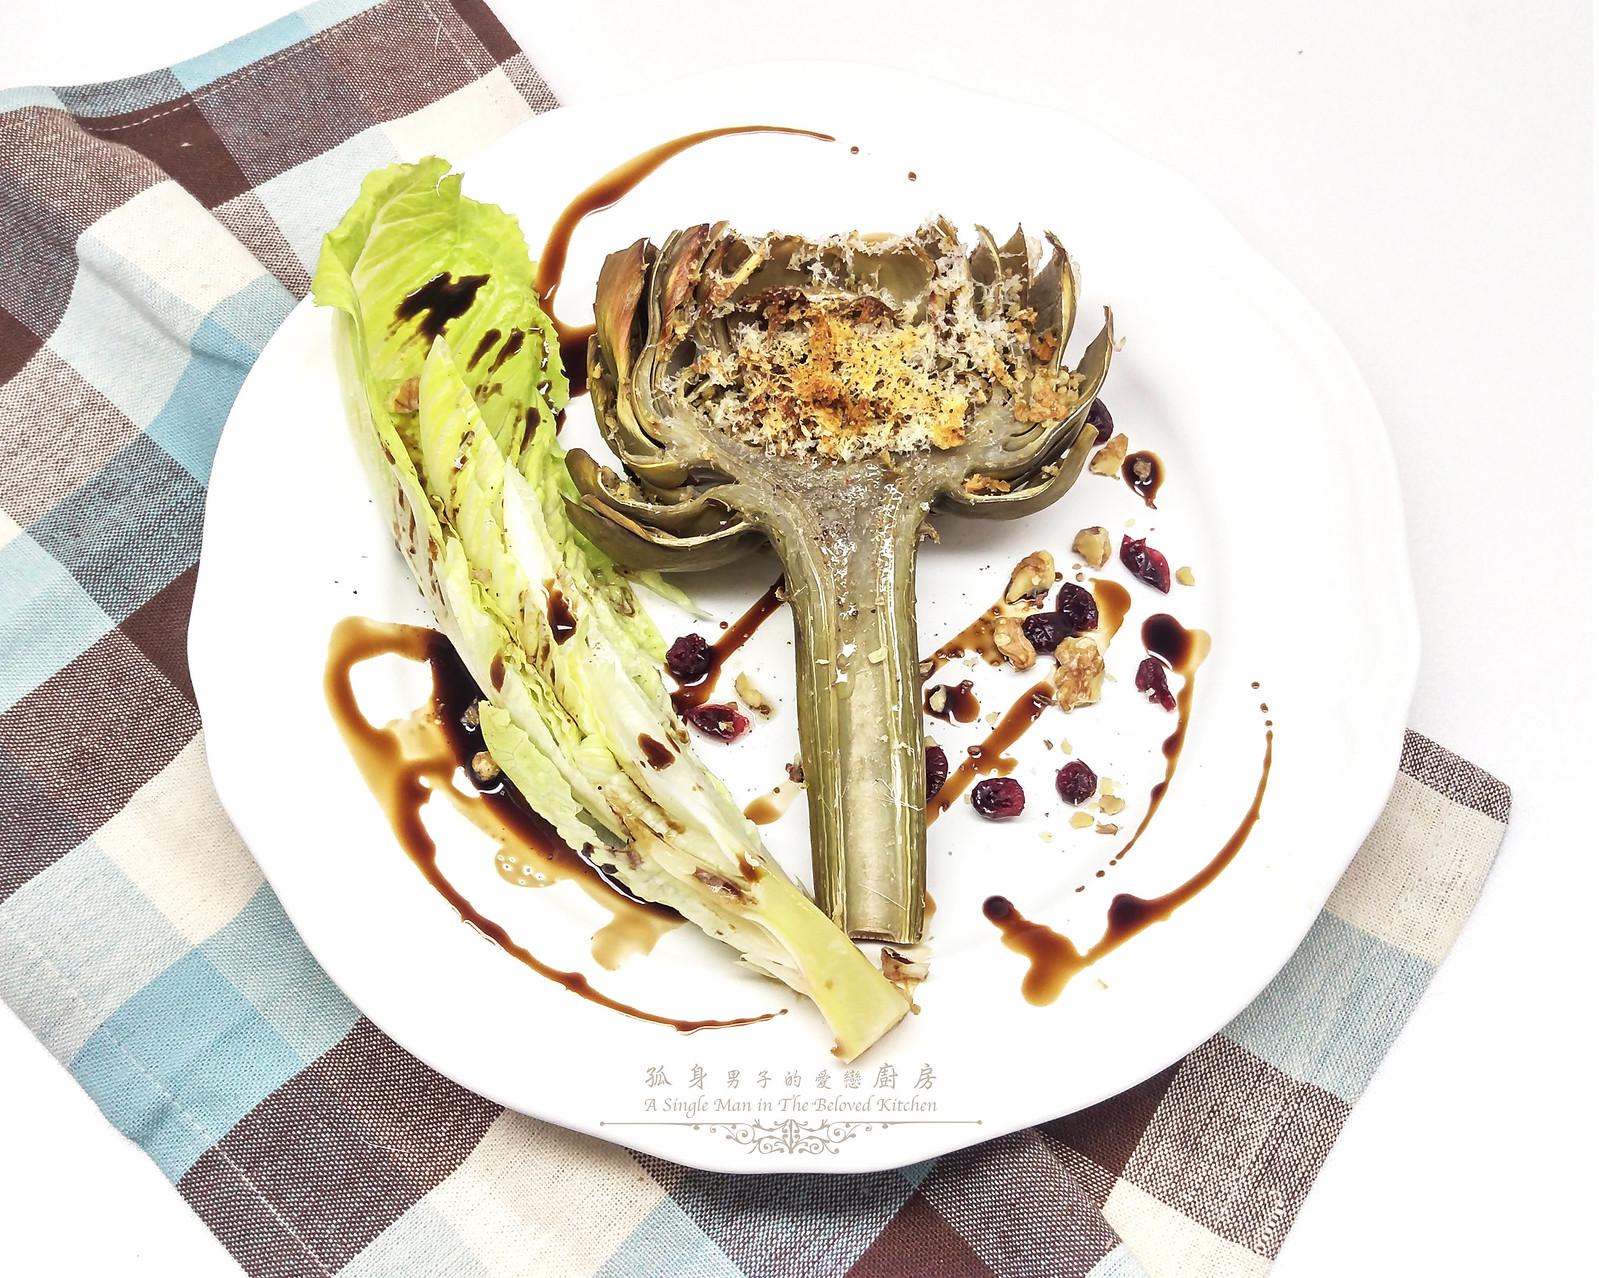 孤身廚房-青醬帕瑪森起司鑲烤朝鮮薊佐簡易油醋蘿蔓沙拉25